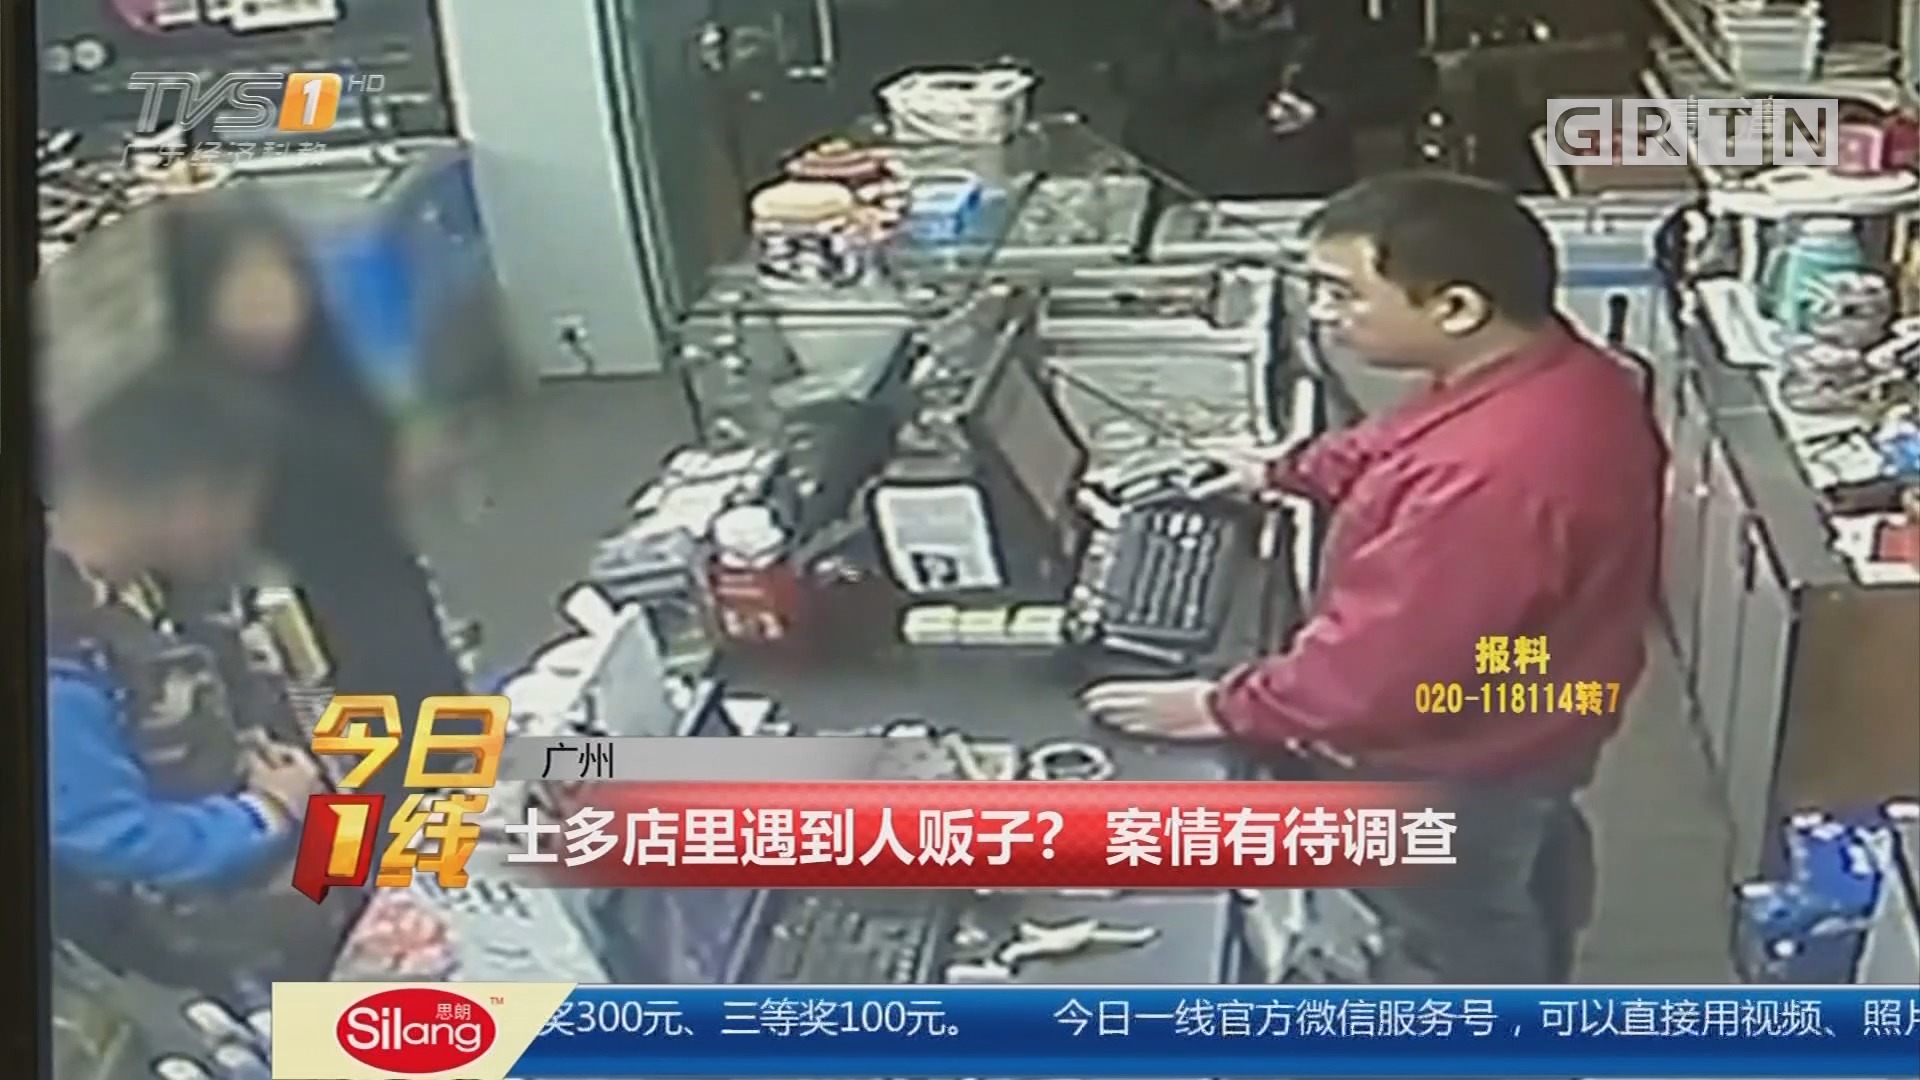 广州:士多店里遇到人贩子? 案情有待调查